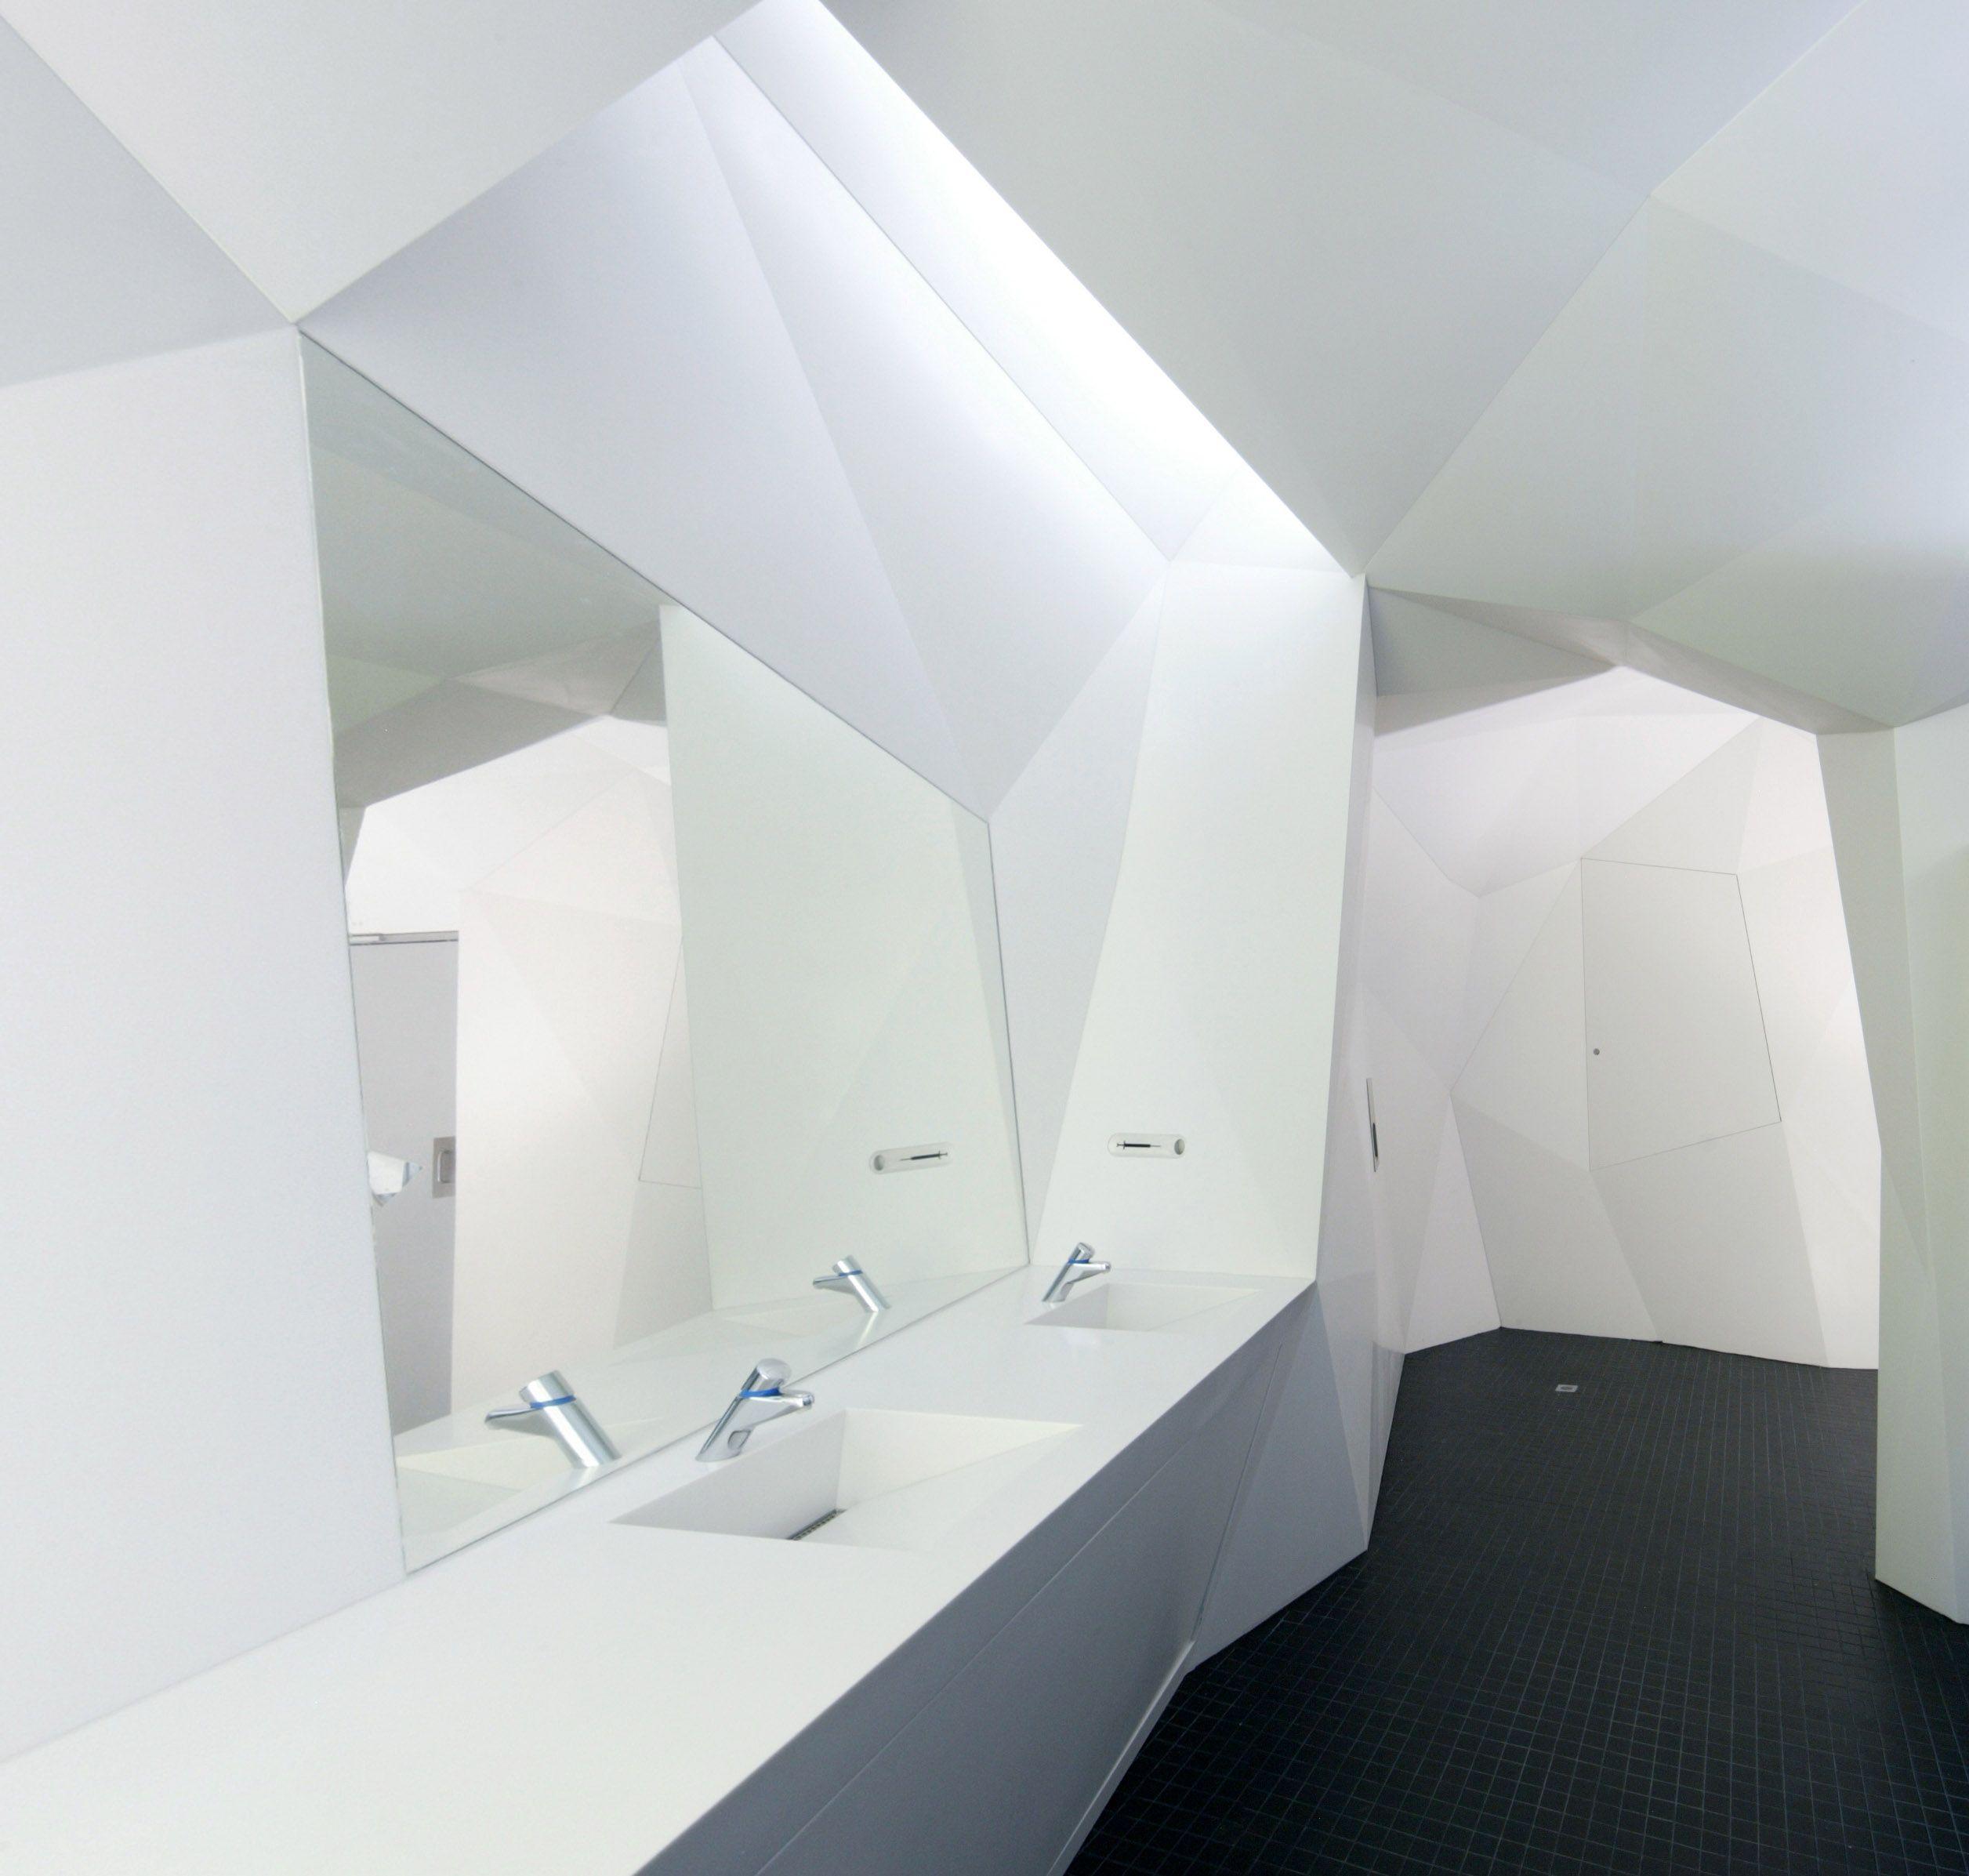 dupont corian countertops design   2011 Corian® design awards Grand Prize Winner——Coniglio ...